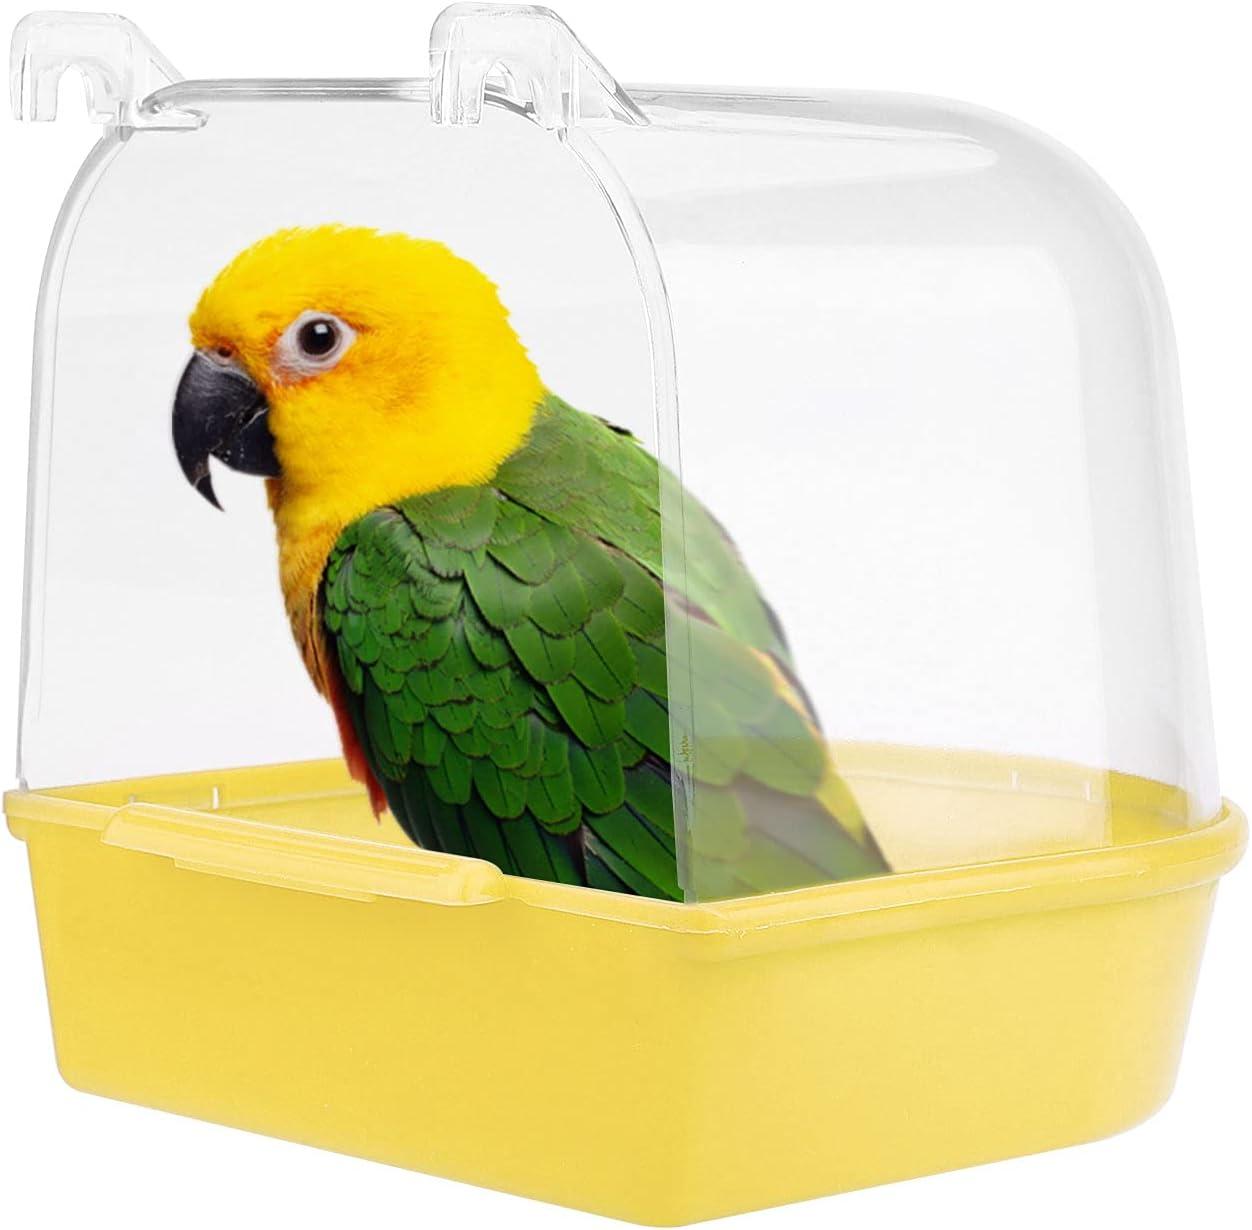 Jodsen Bañera para pájaros,Accesorios para pájaros,Suministros para jaulas de pájaros con Ganchos,Ducha de Agua,Bandeja para pájaros pequeños para Canarios, periquitos,Loro 13X14X13cm (Amarillo)